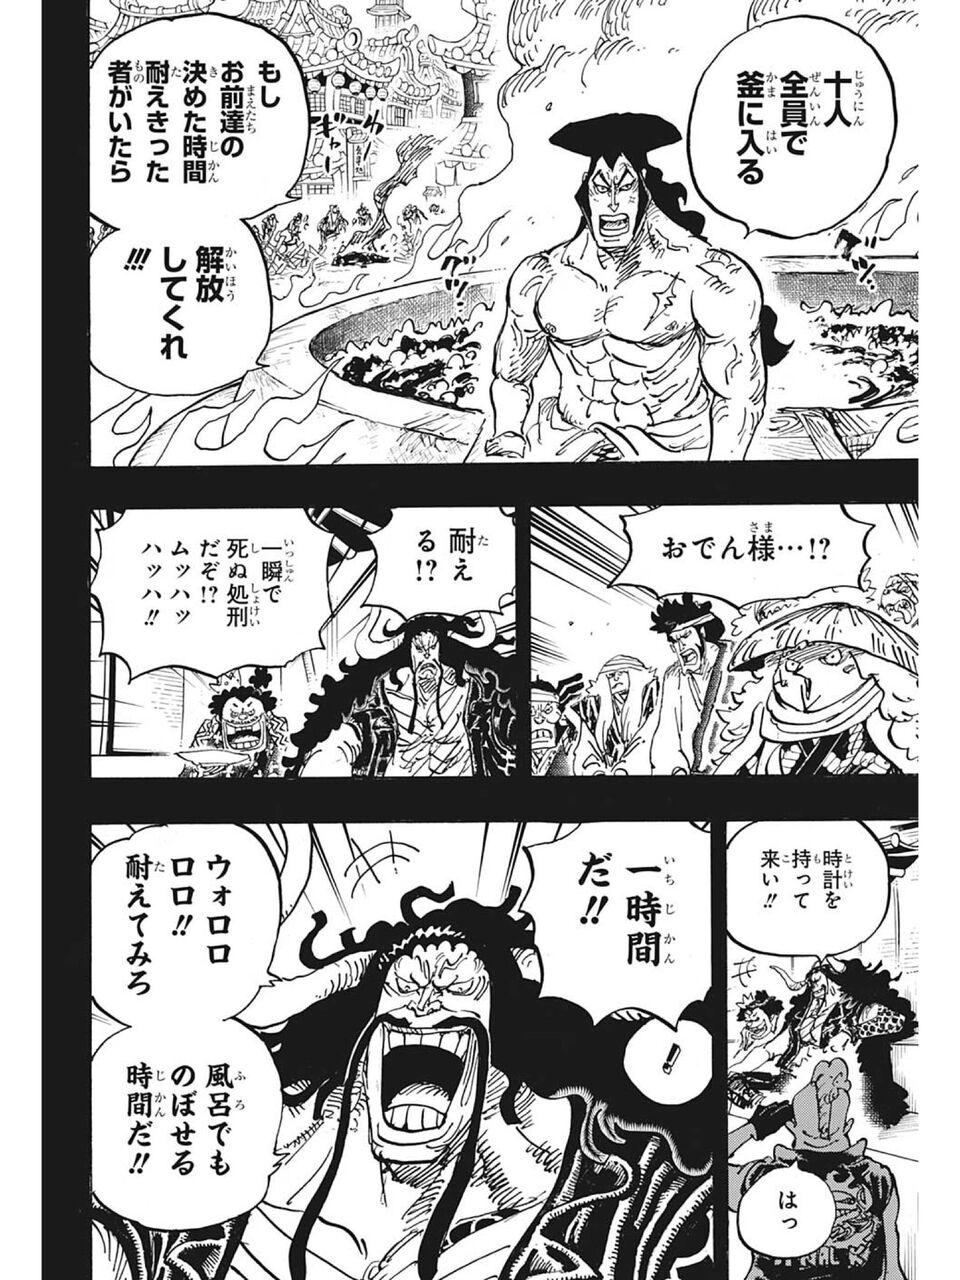 【ワンピース】カイドウさん、最強生物なのに1時間風呂に入るとのぼせてしまうwww